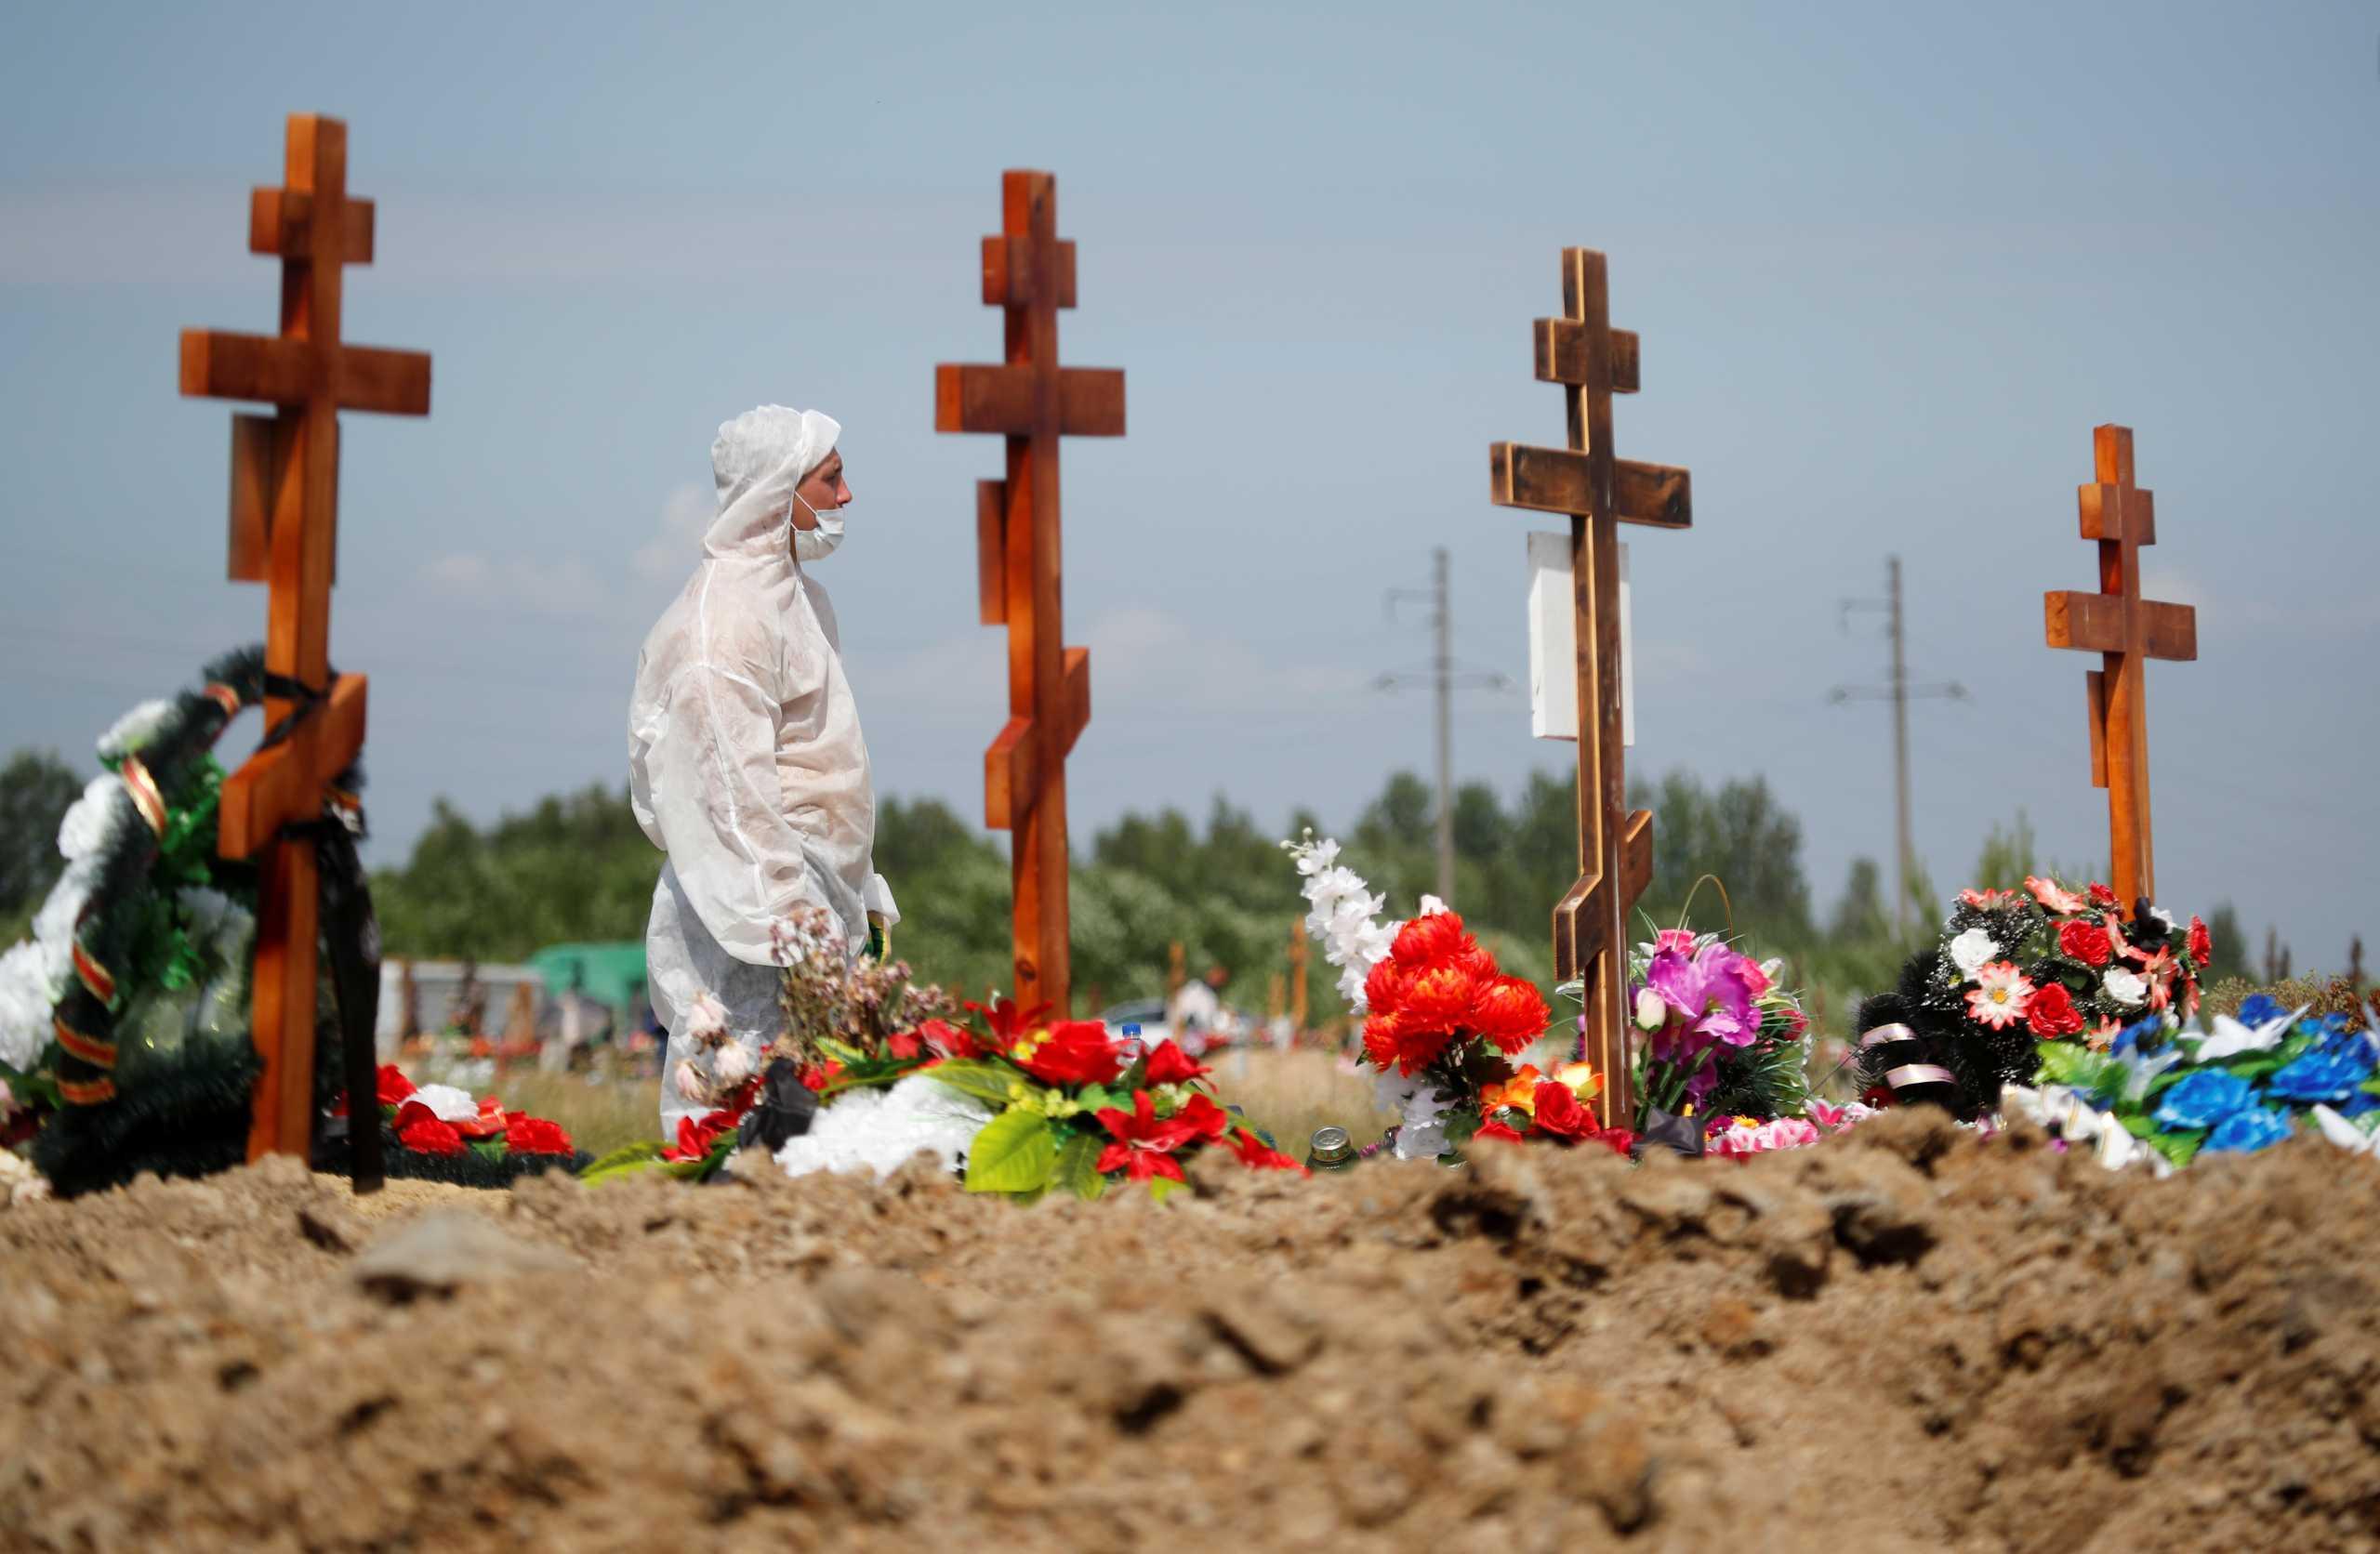 Κορονοϊός – Ρωσία: Εννέα ασθενείς πέθαναν από ασφυξία όταν έσπασε σωλήνας παροχής οξυγόνου